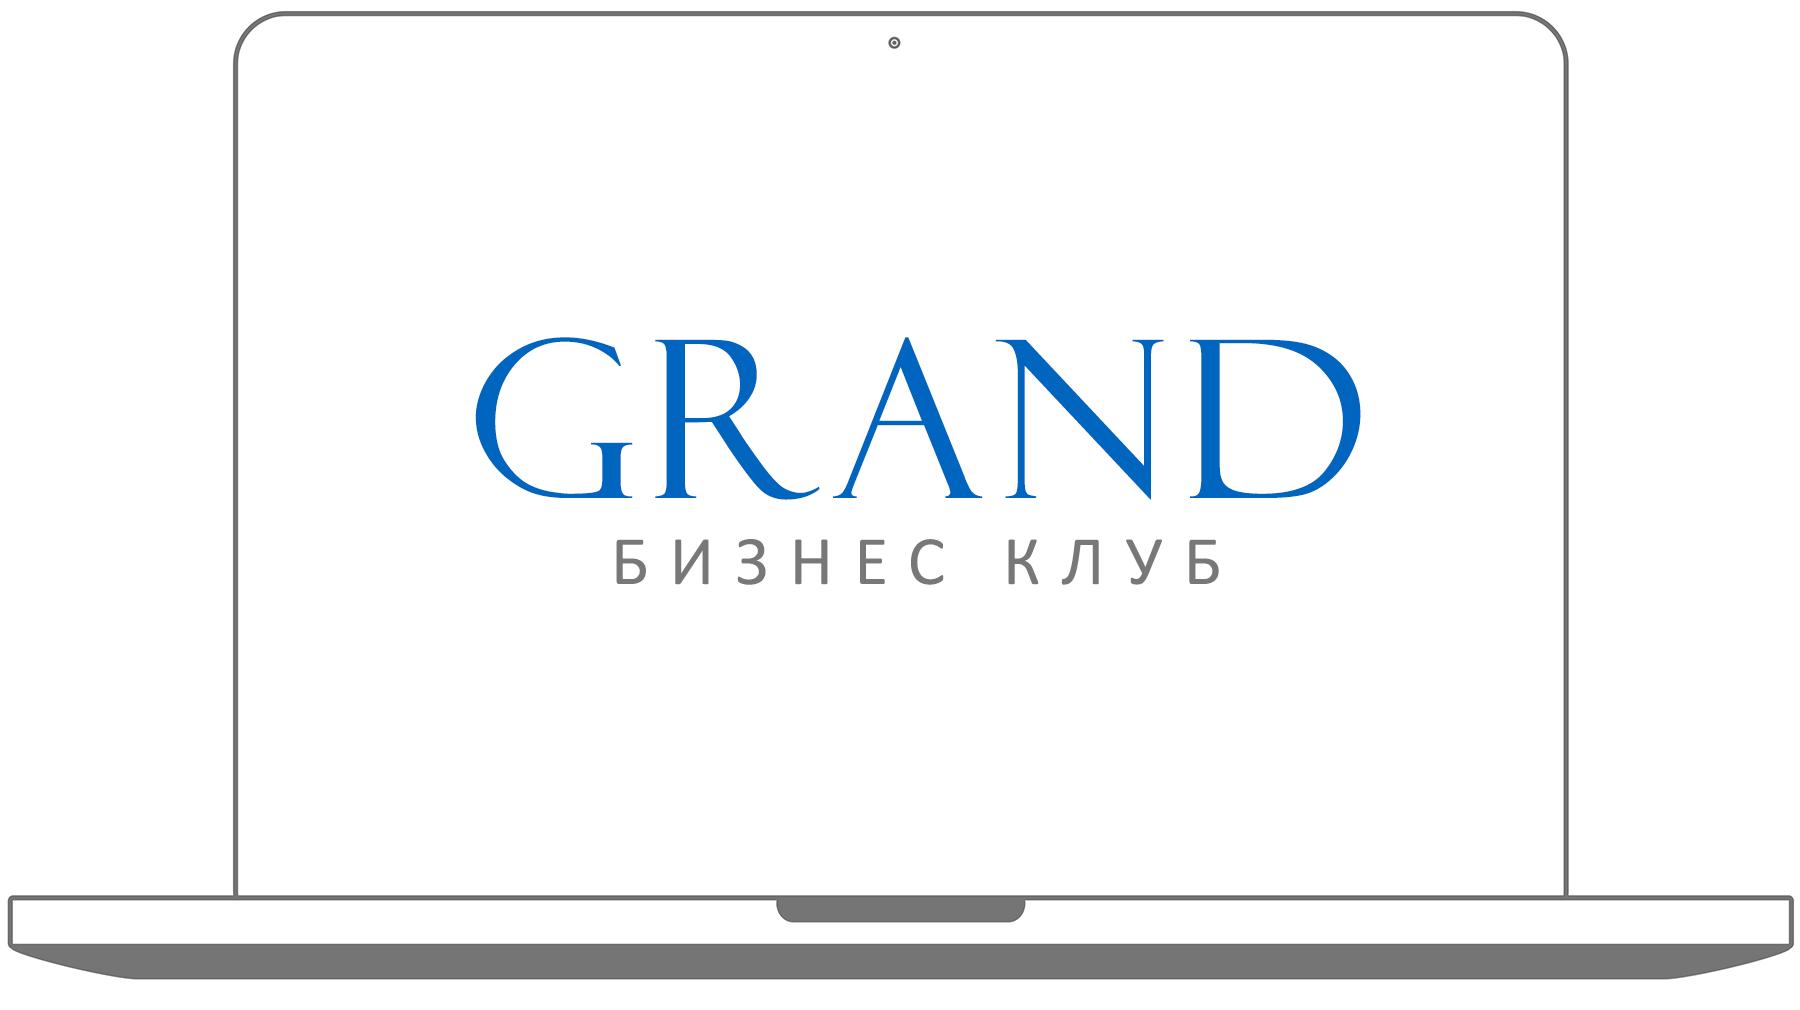 Логотип бизнес клуба GRAND.